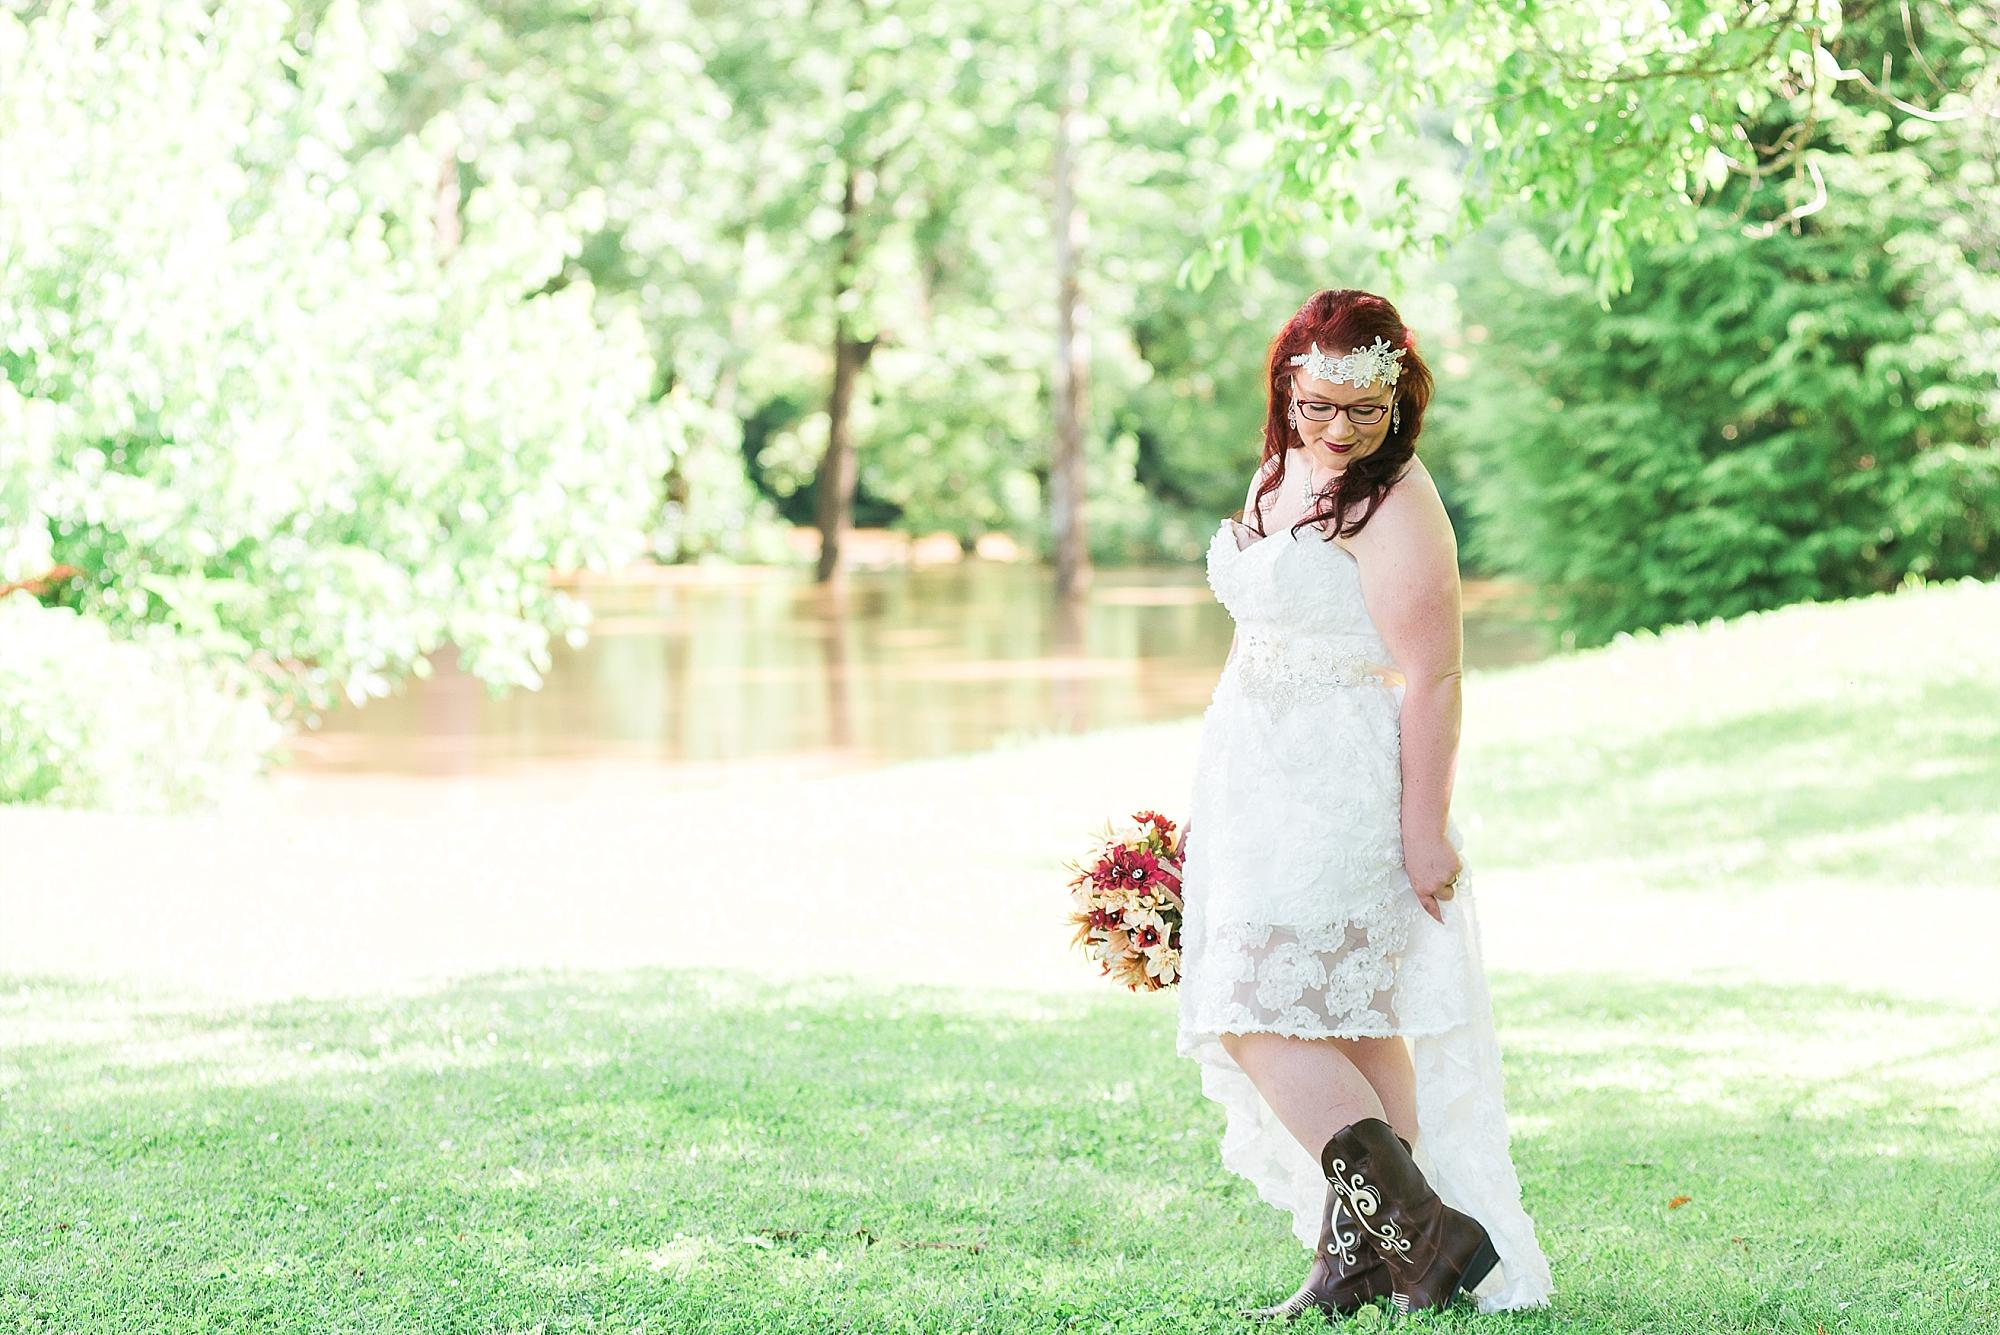 ashland-ky-wedding-photography